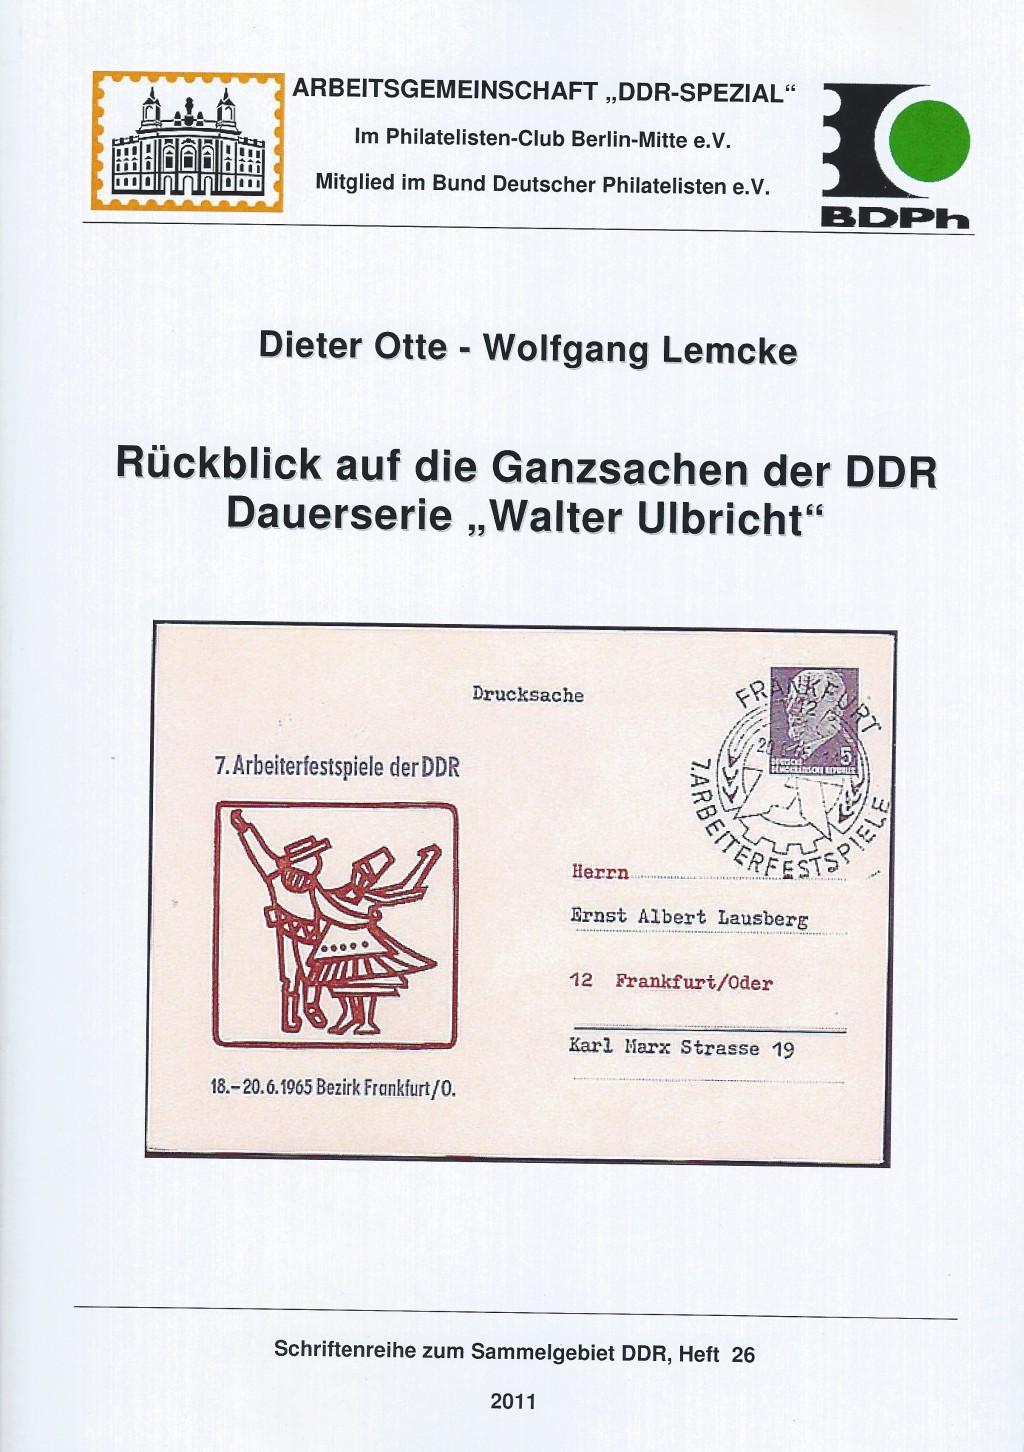 DDR Philatelie Literatur Dauerserie Walter Ulbricht Ganzsachen